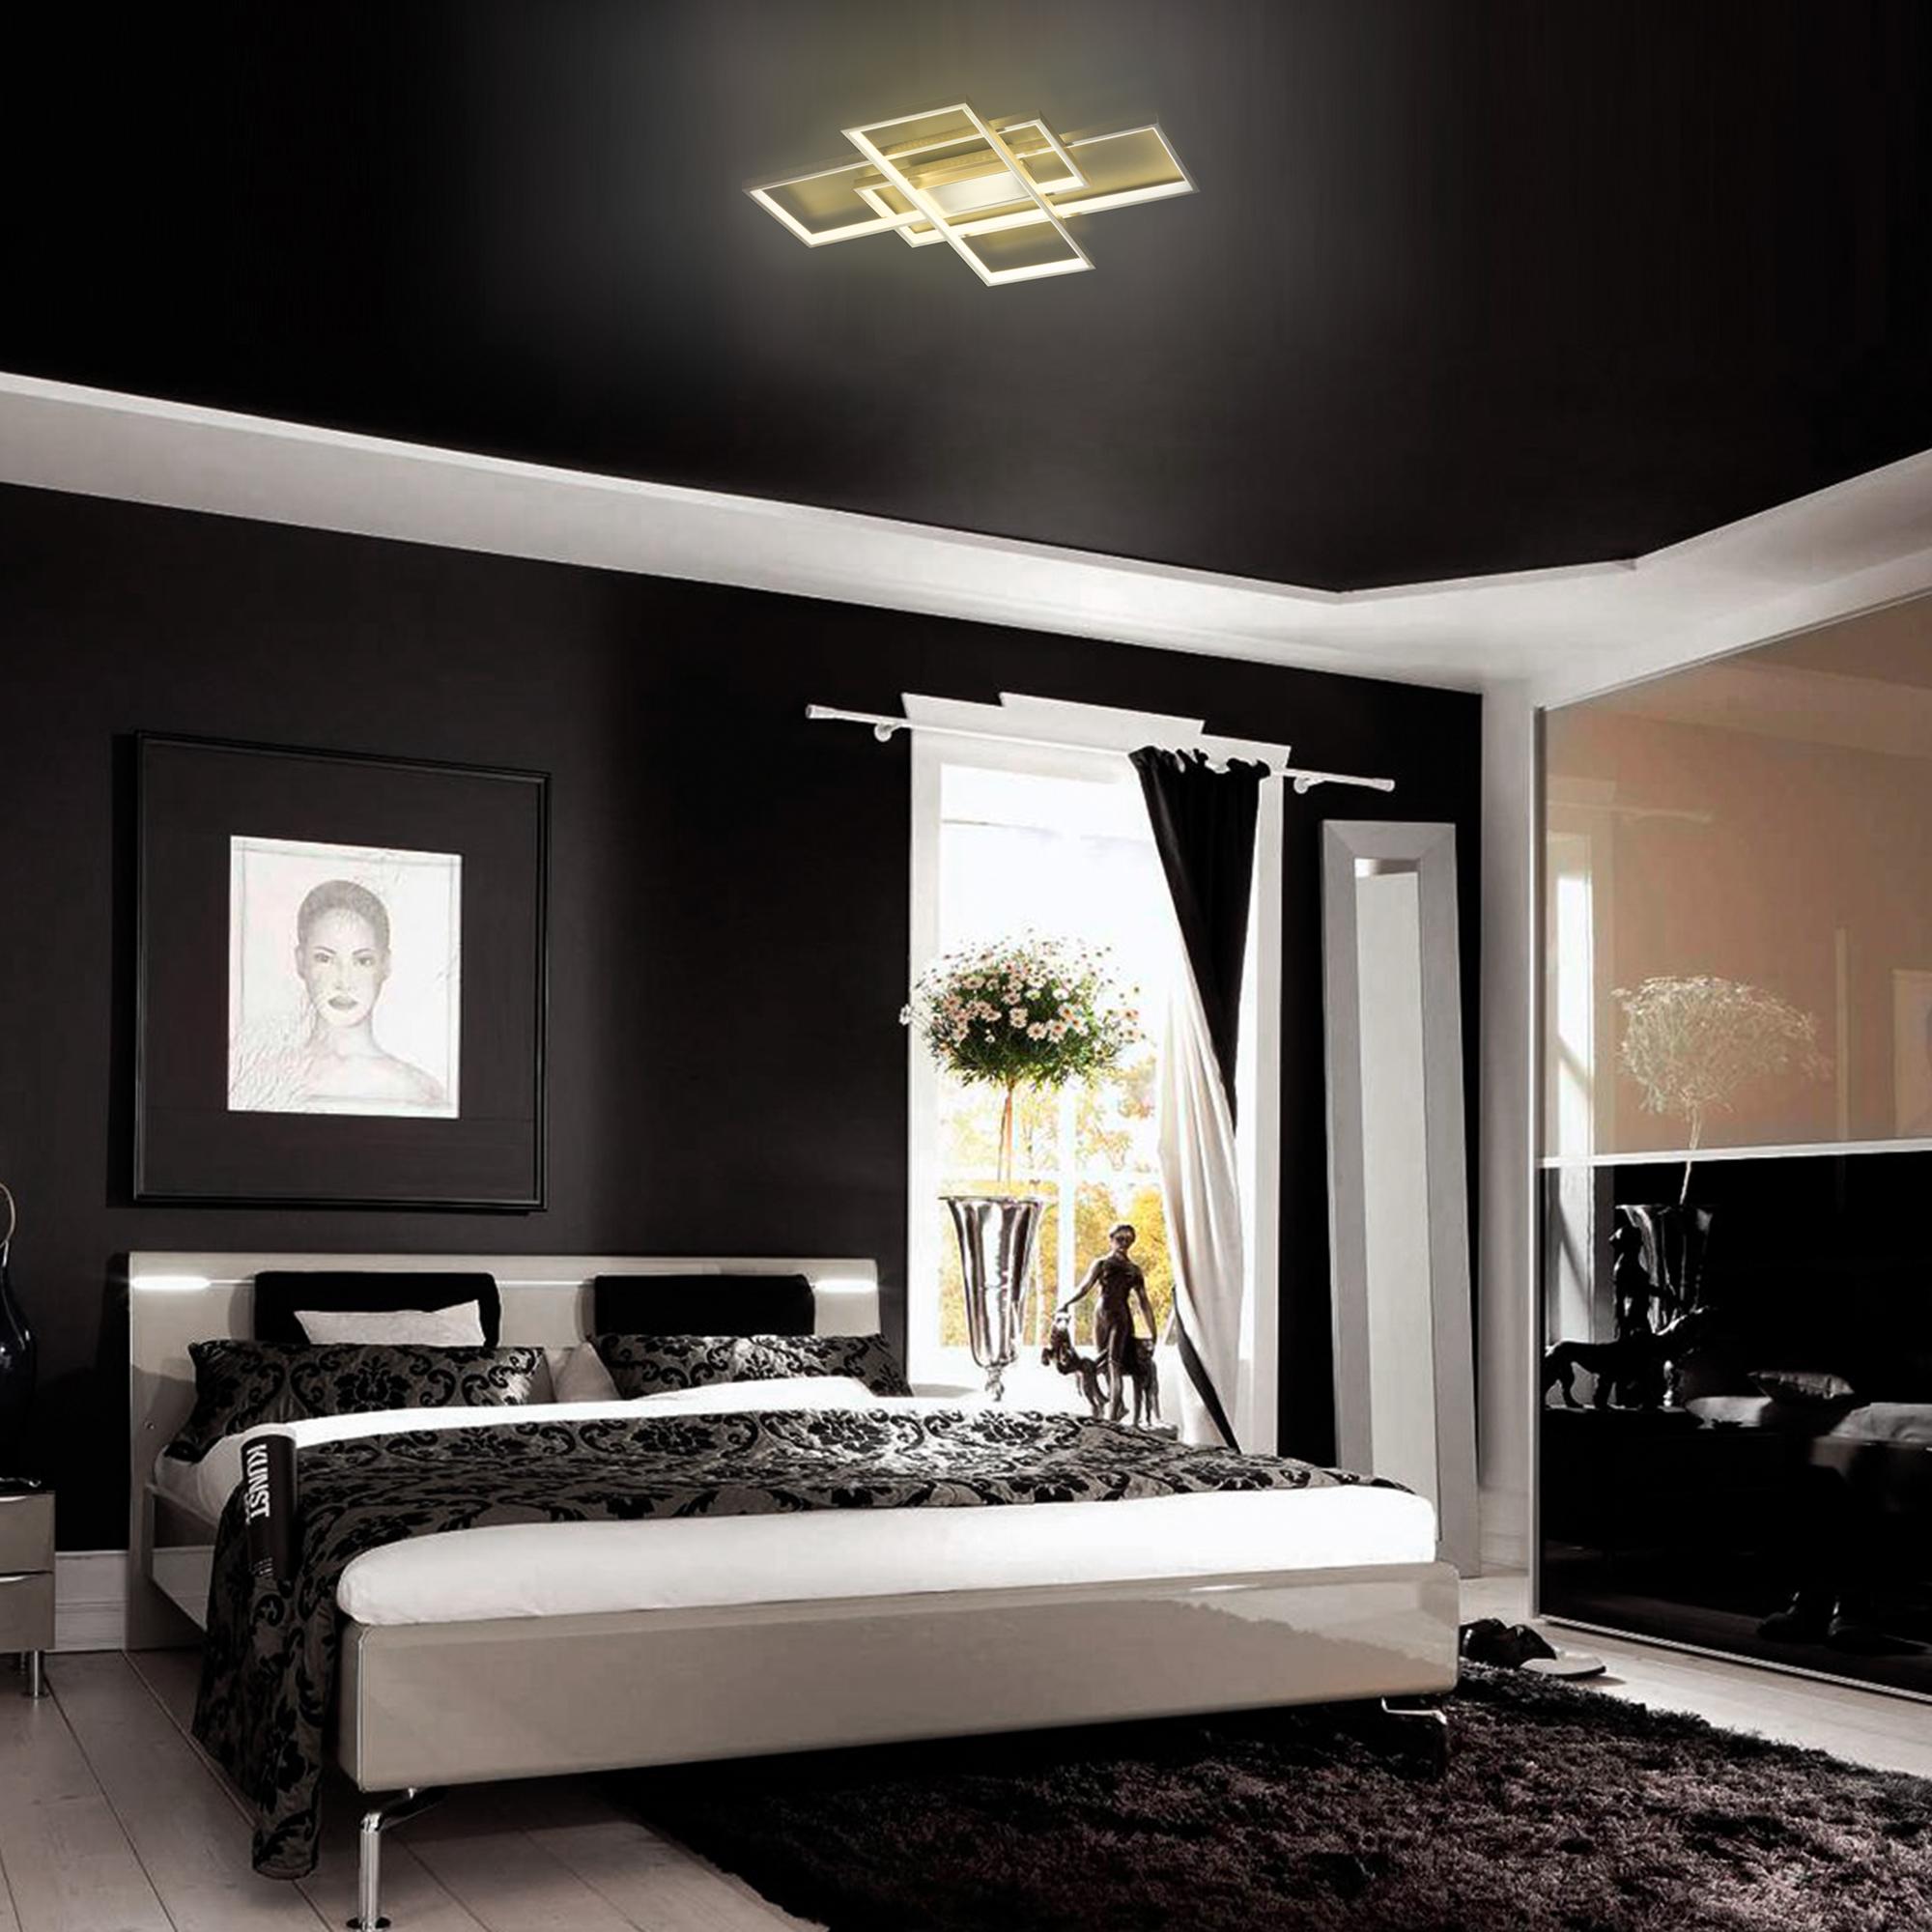 спальня в черно белом стиле картинки символистов